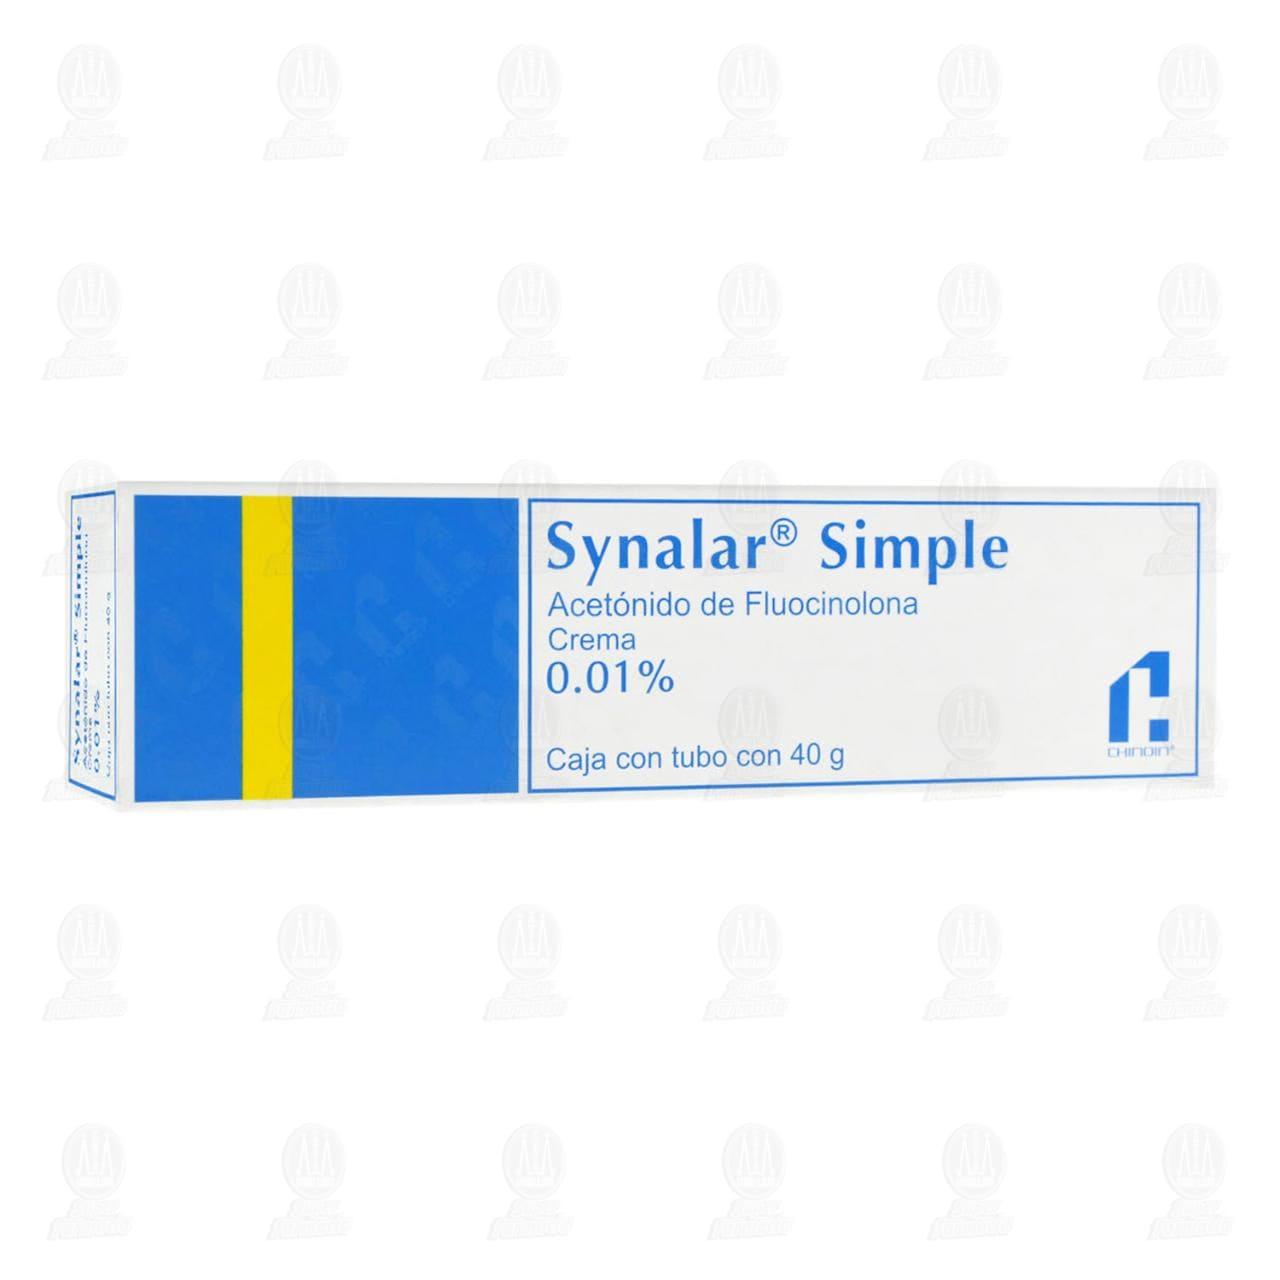 Comprar Synalar Simple 0.01% 40gr Crema en Farmacias Guadalajara